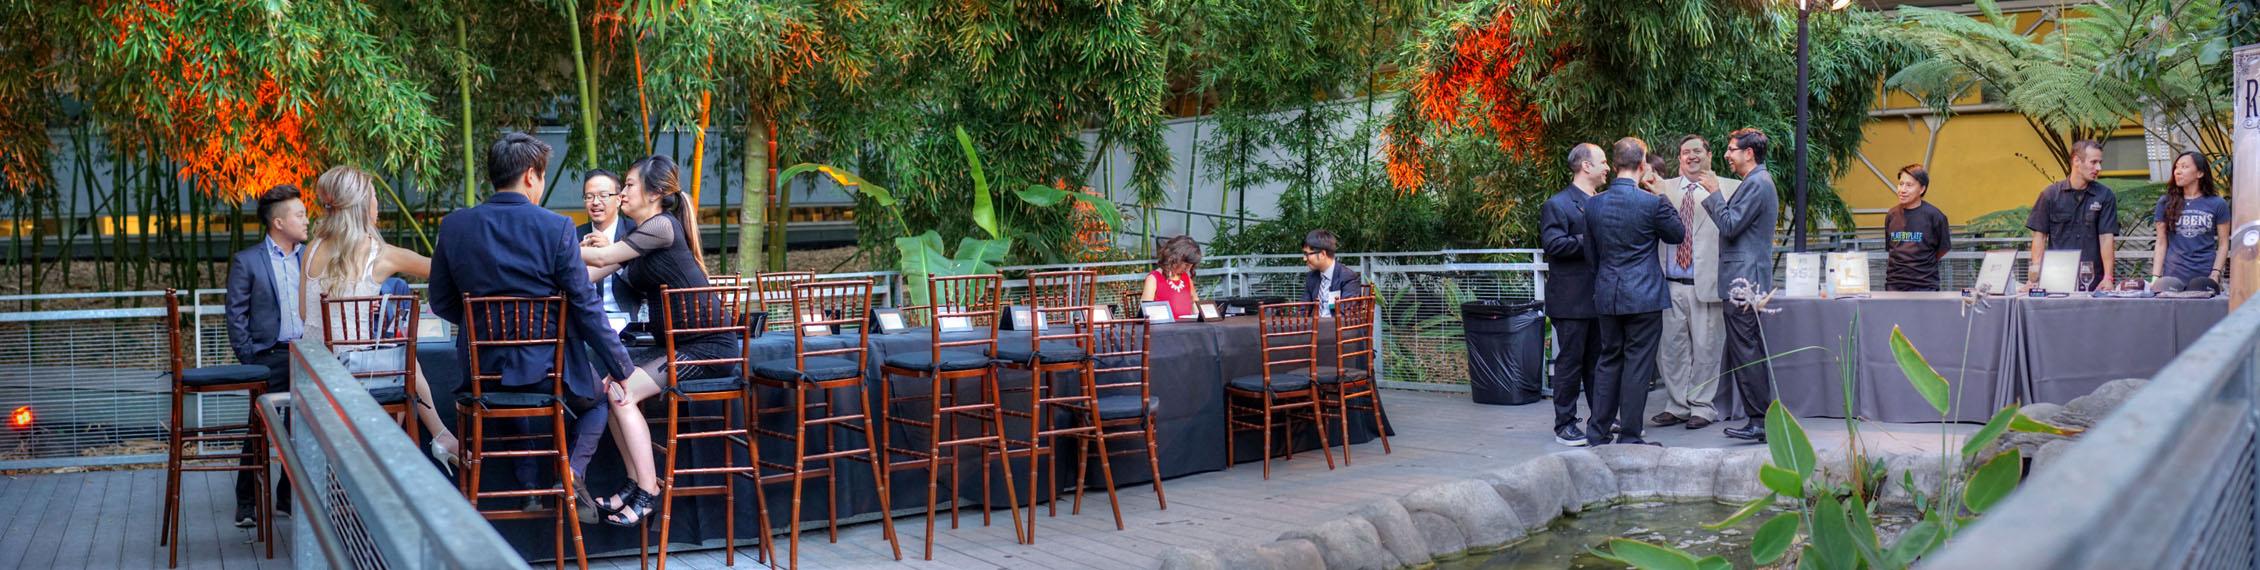 Wallis Annenberg Building: Bamboo Garden